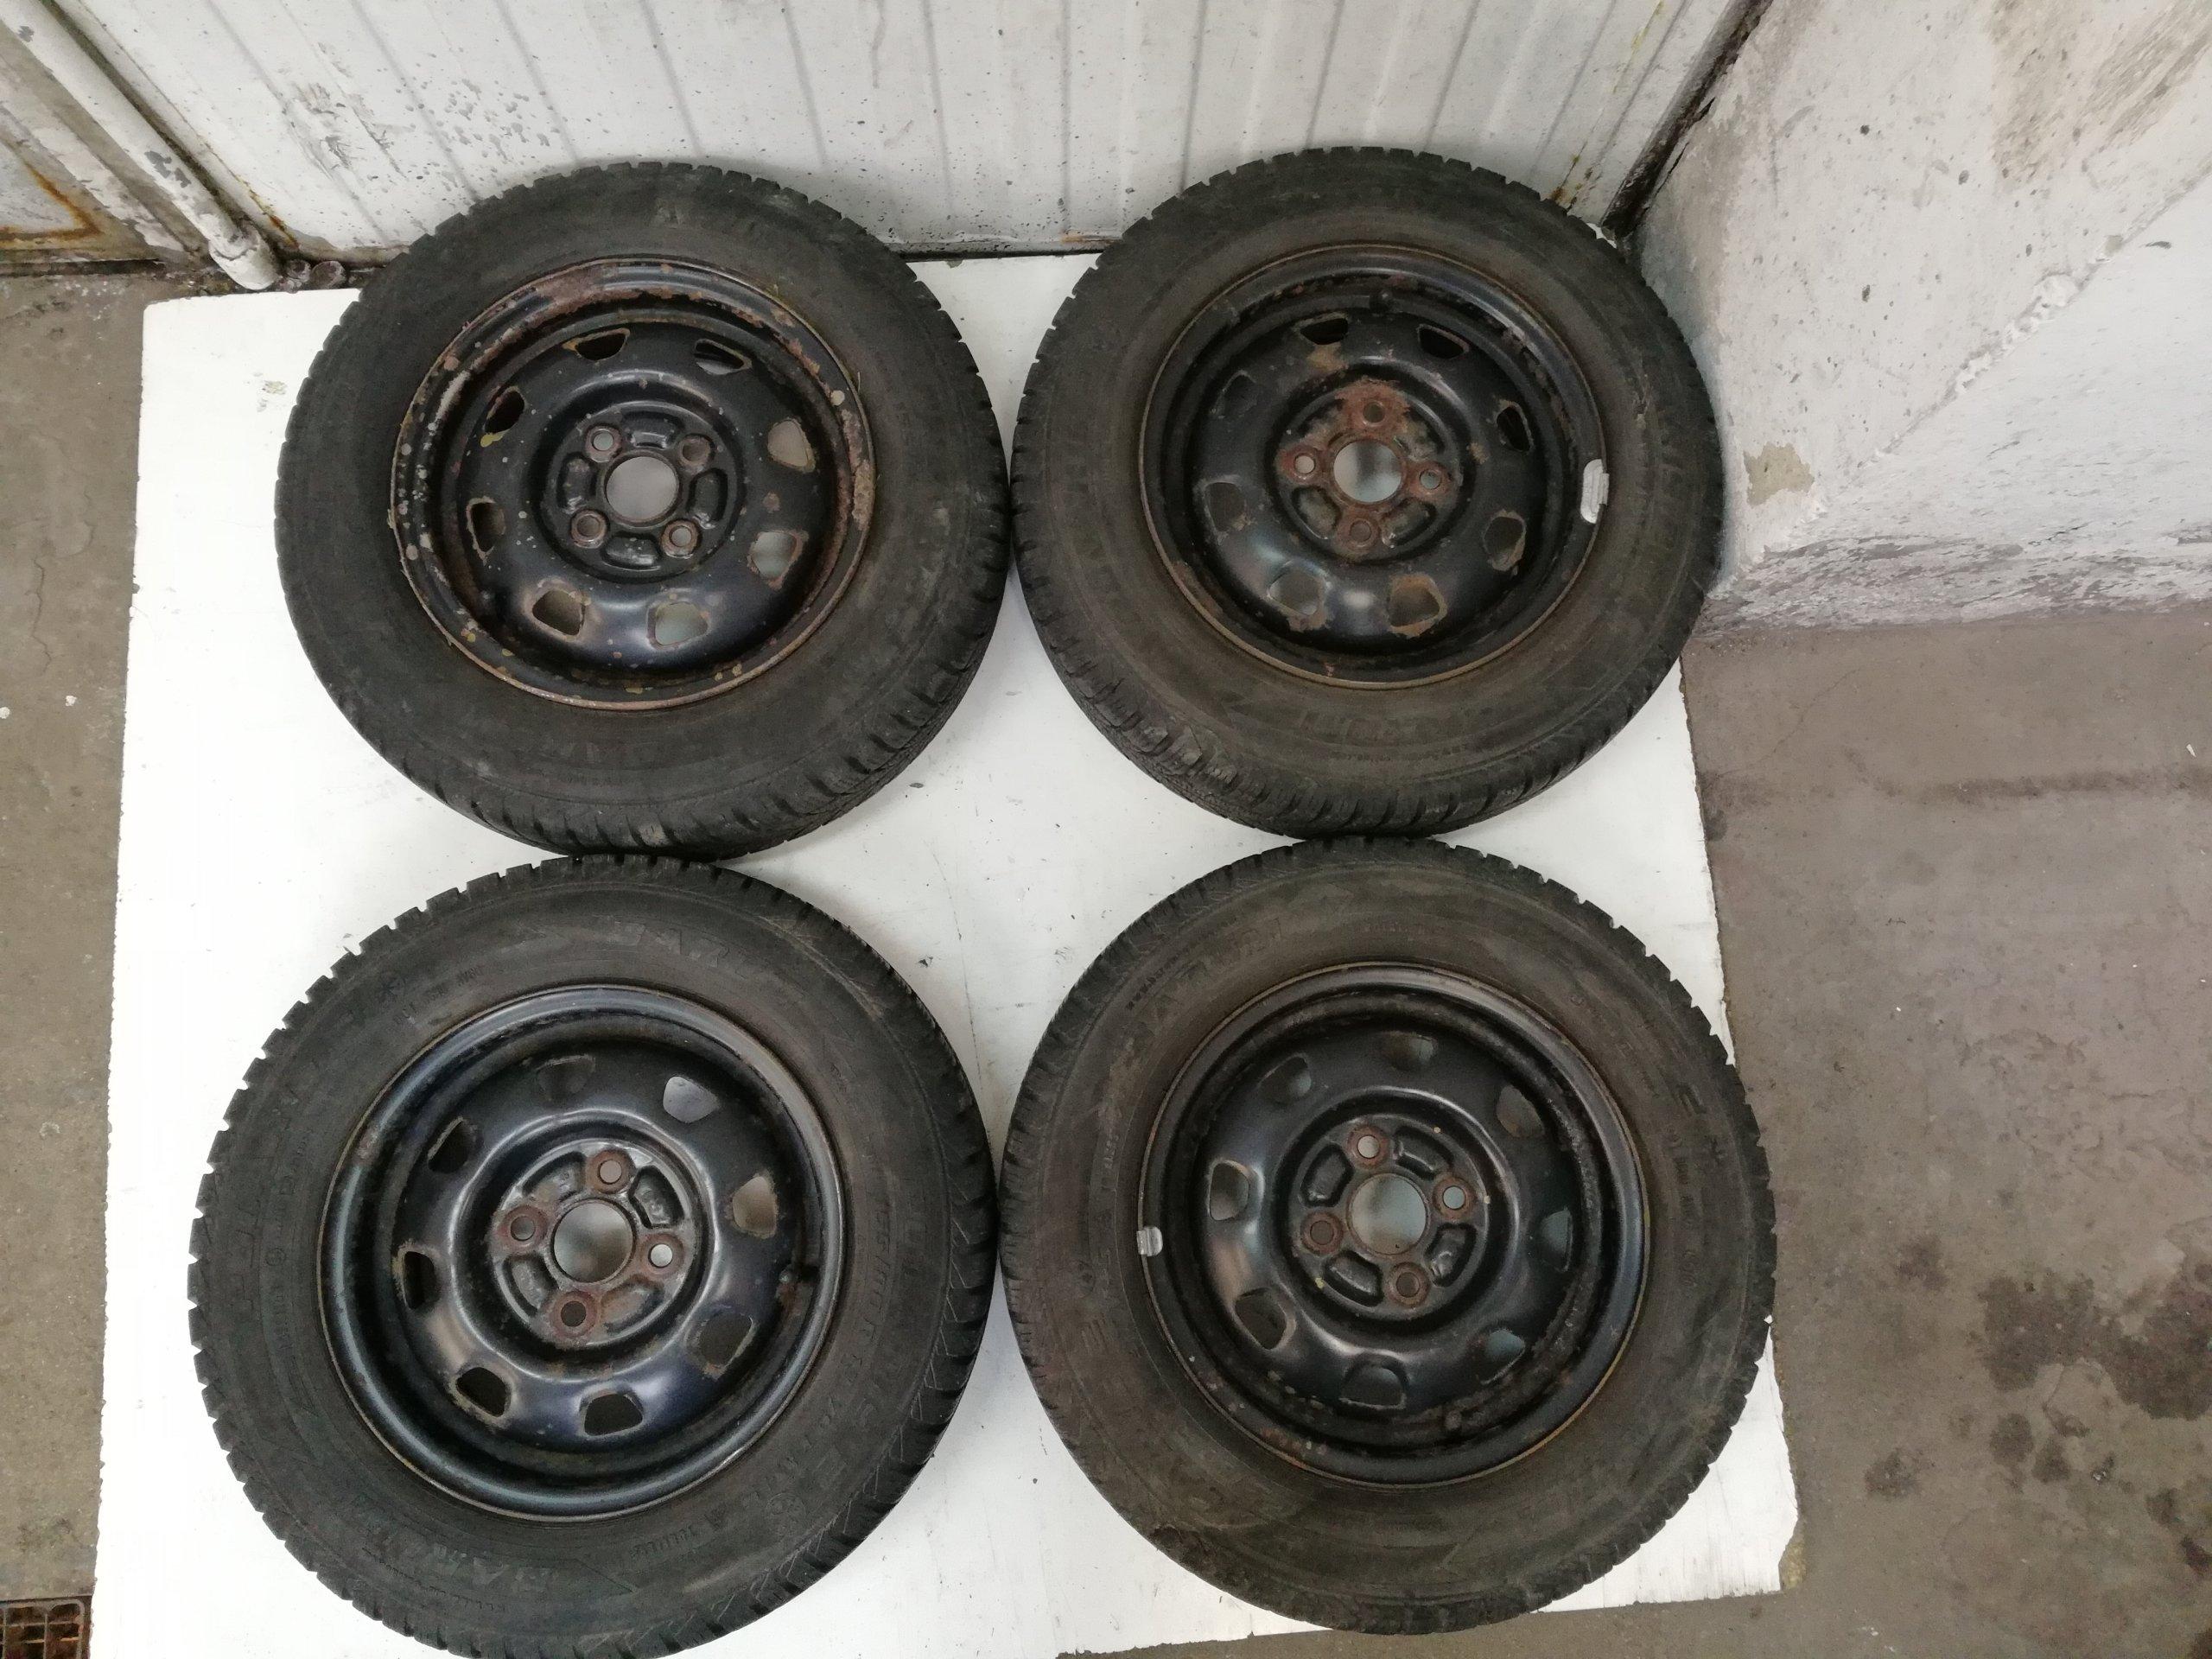 Toyota Yaris 99 05 4x100 Felgi Opony Zimowe 7171576929